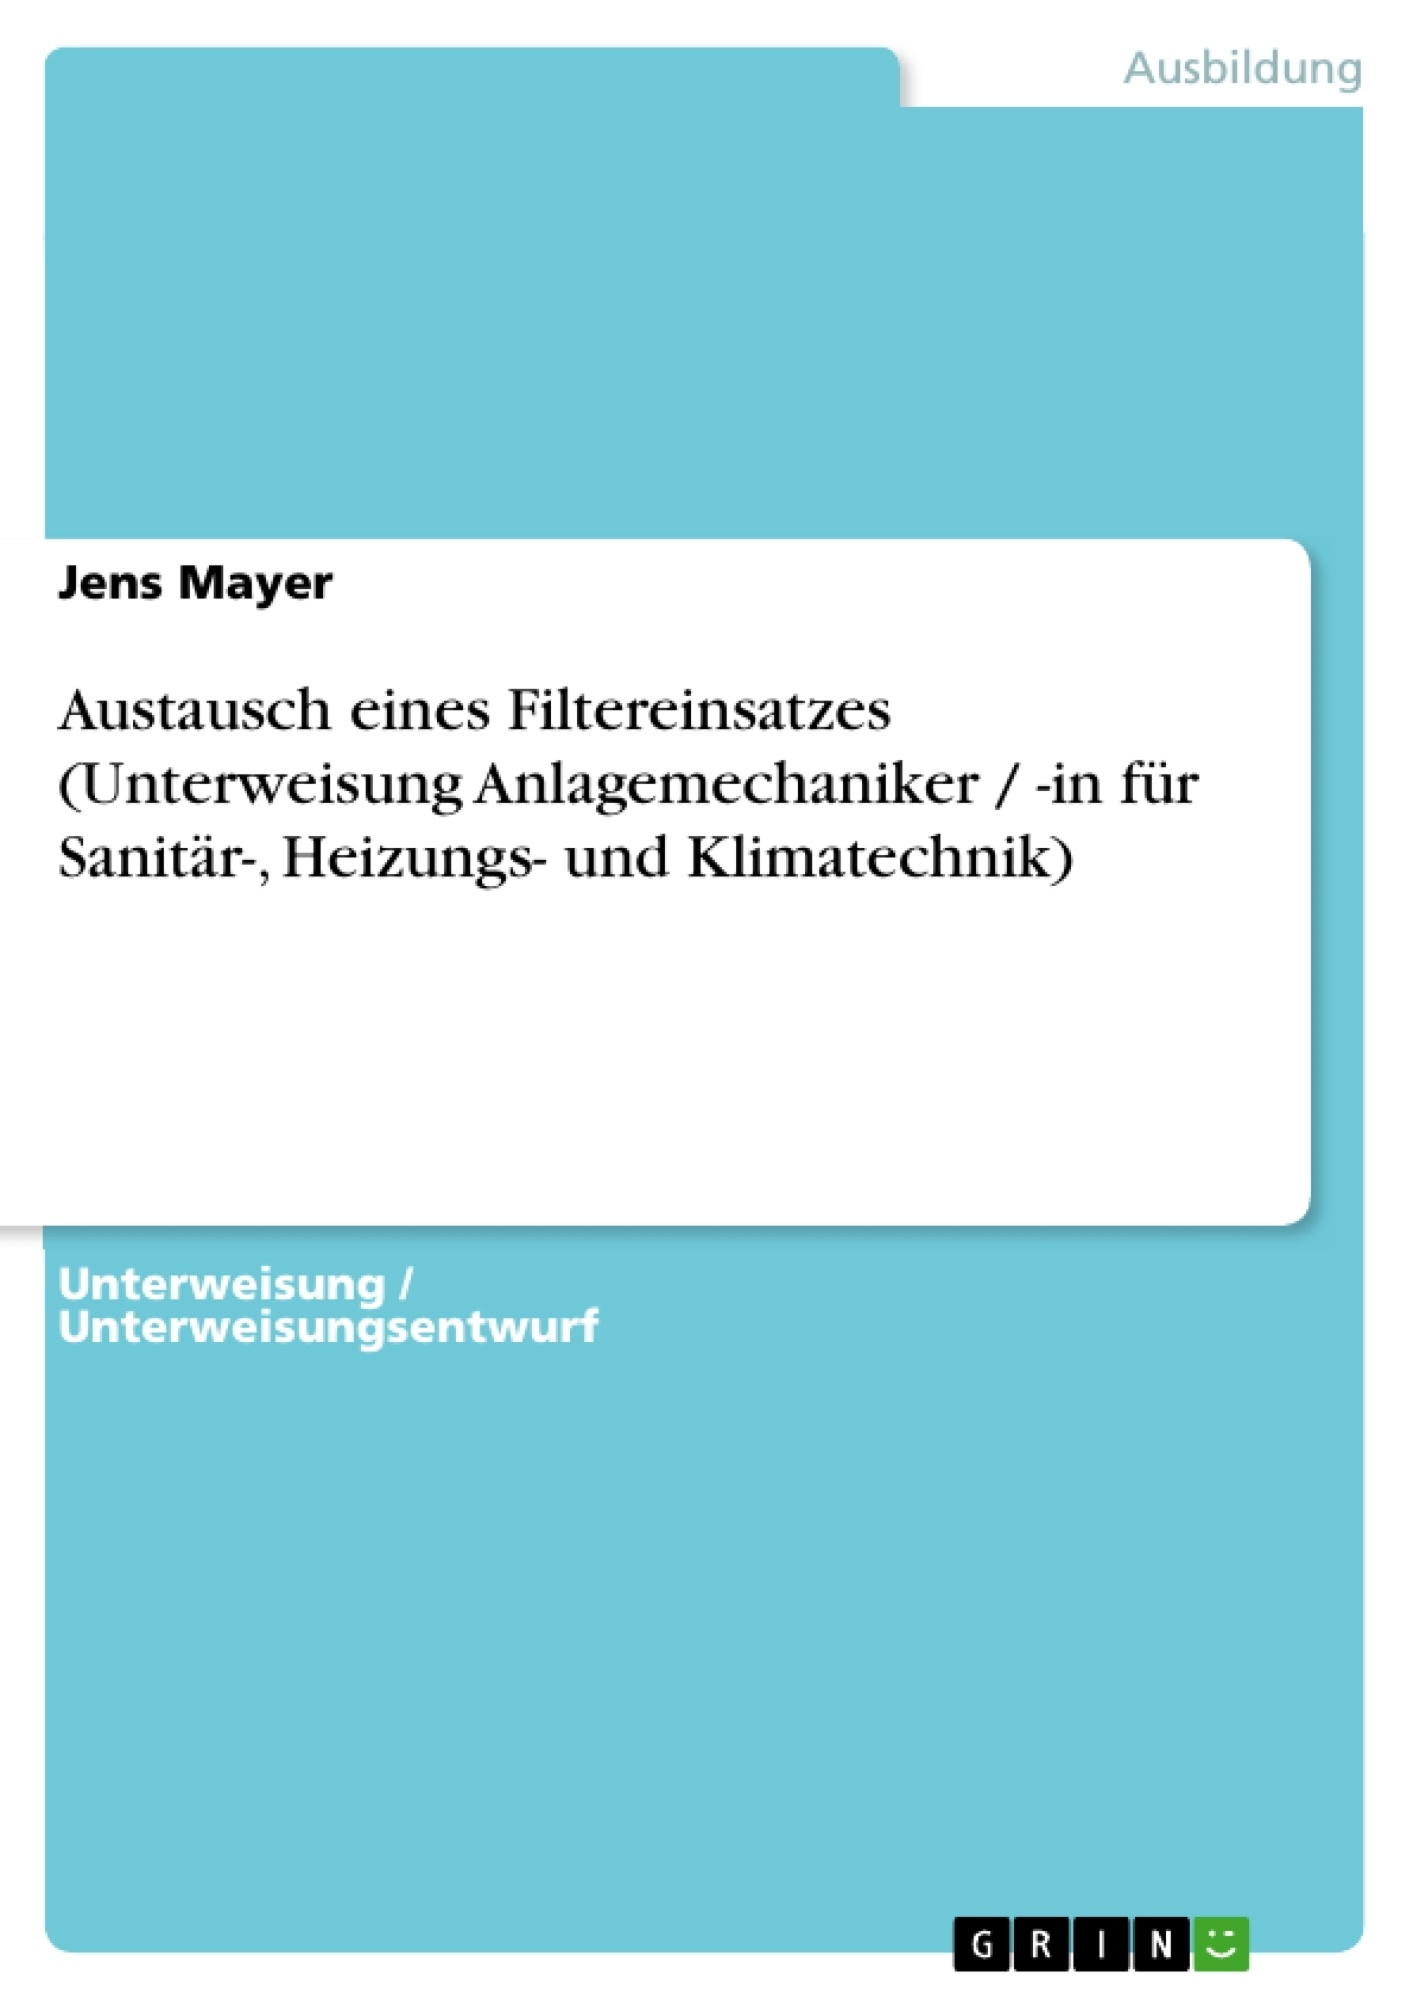 Titel: Austausch eines Filtereinsatzes (Unterweisung Anlagemechaniker / -in für Sanitär-, Heizungs- und Klimatechnik)